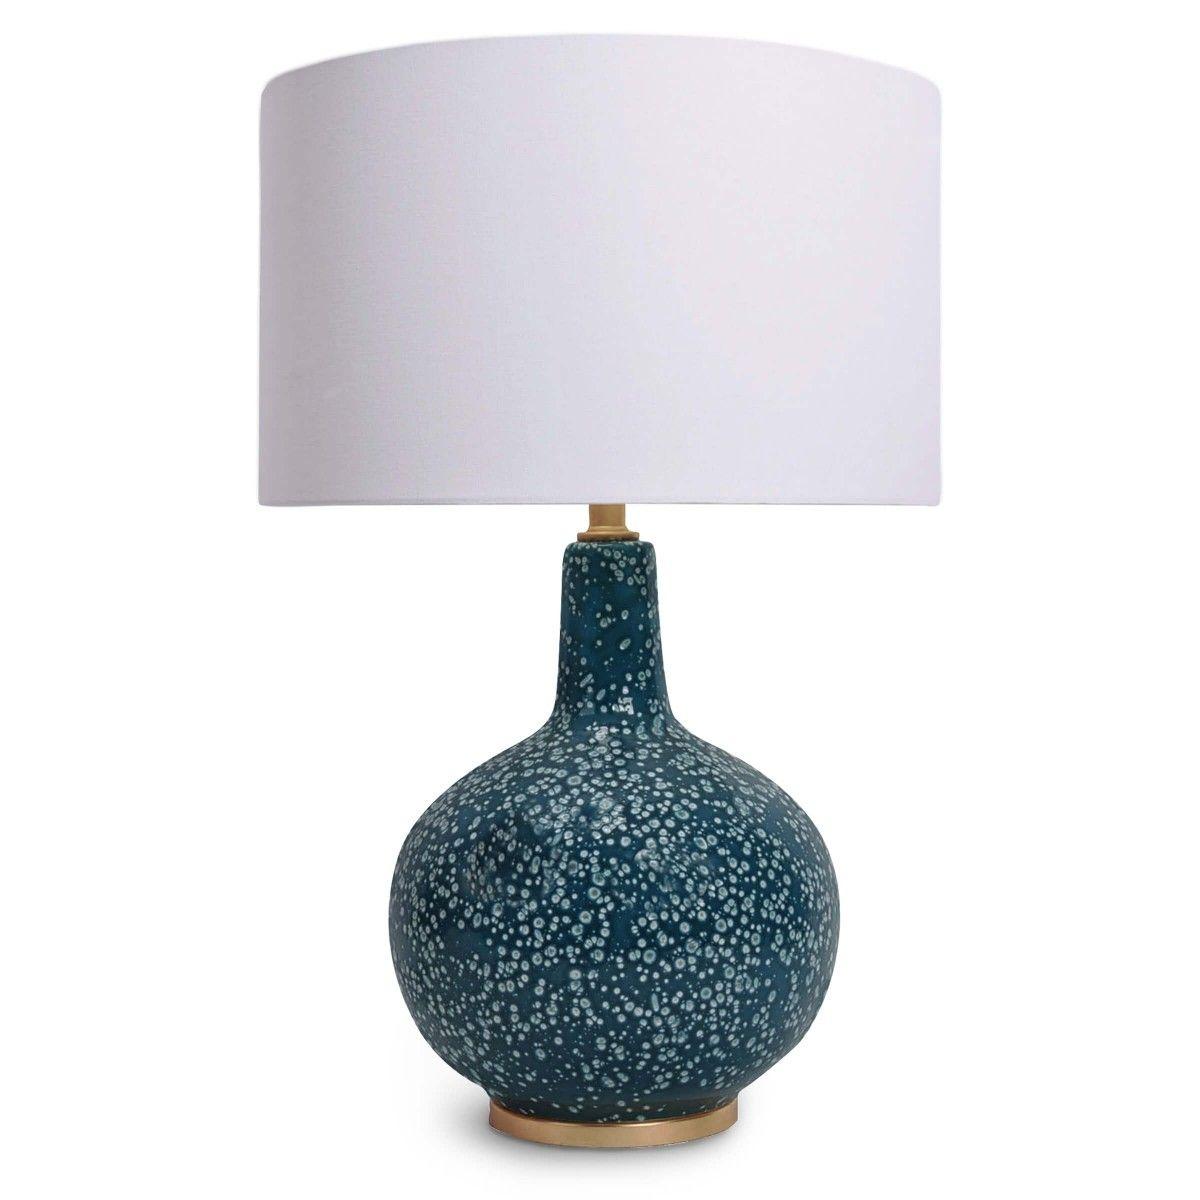 bulb qty 1 socket e26 3 way cast turn knob wiring type standard material ceramic finish blue [ 1200 x 1200 Pixel ]